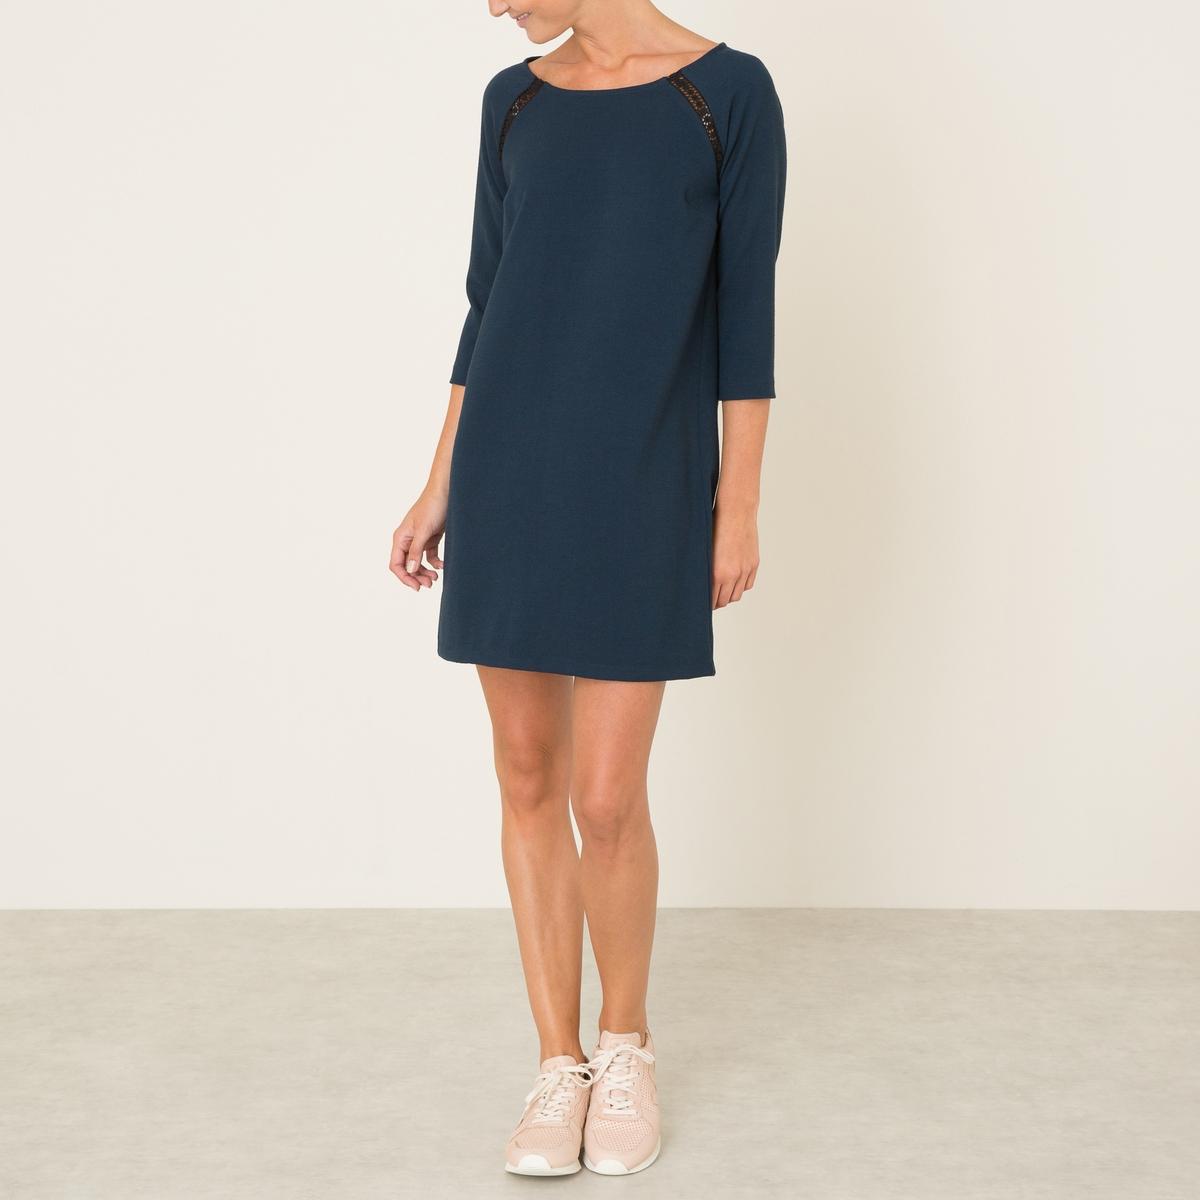 Платье GUISLAINEСостав и описание Материал : 80% полиэстера, 13% вискозы, 7% эластанаКружево : 100% хлопокПодкладка: 100% полиэстерДлина : 86 см. (для размера 36)Марка : PAUL AND JOE SISTER<br><br>Цвет: темно-синий